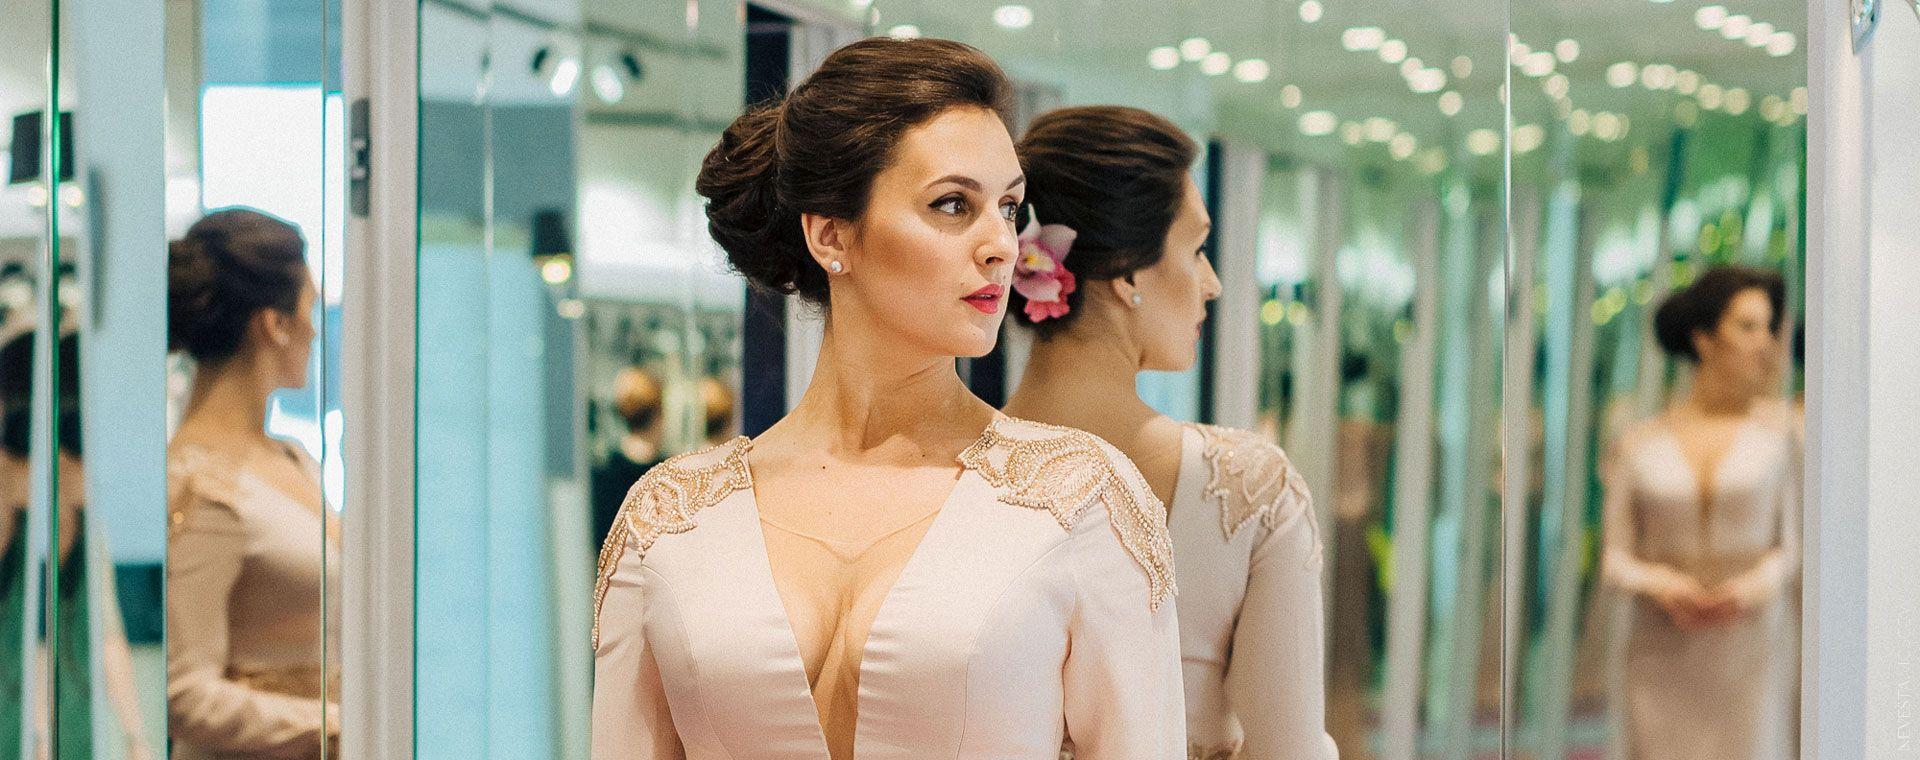 Актриса Мария Шумакова выходит замуж платье